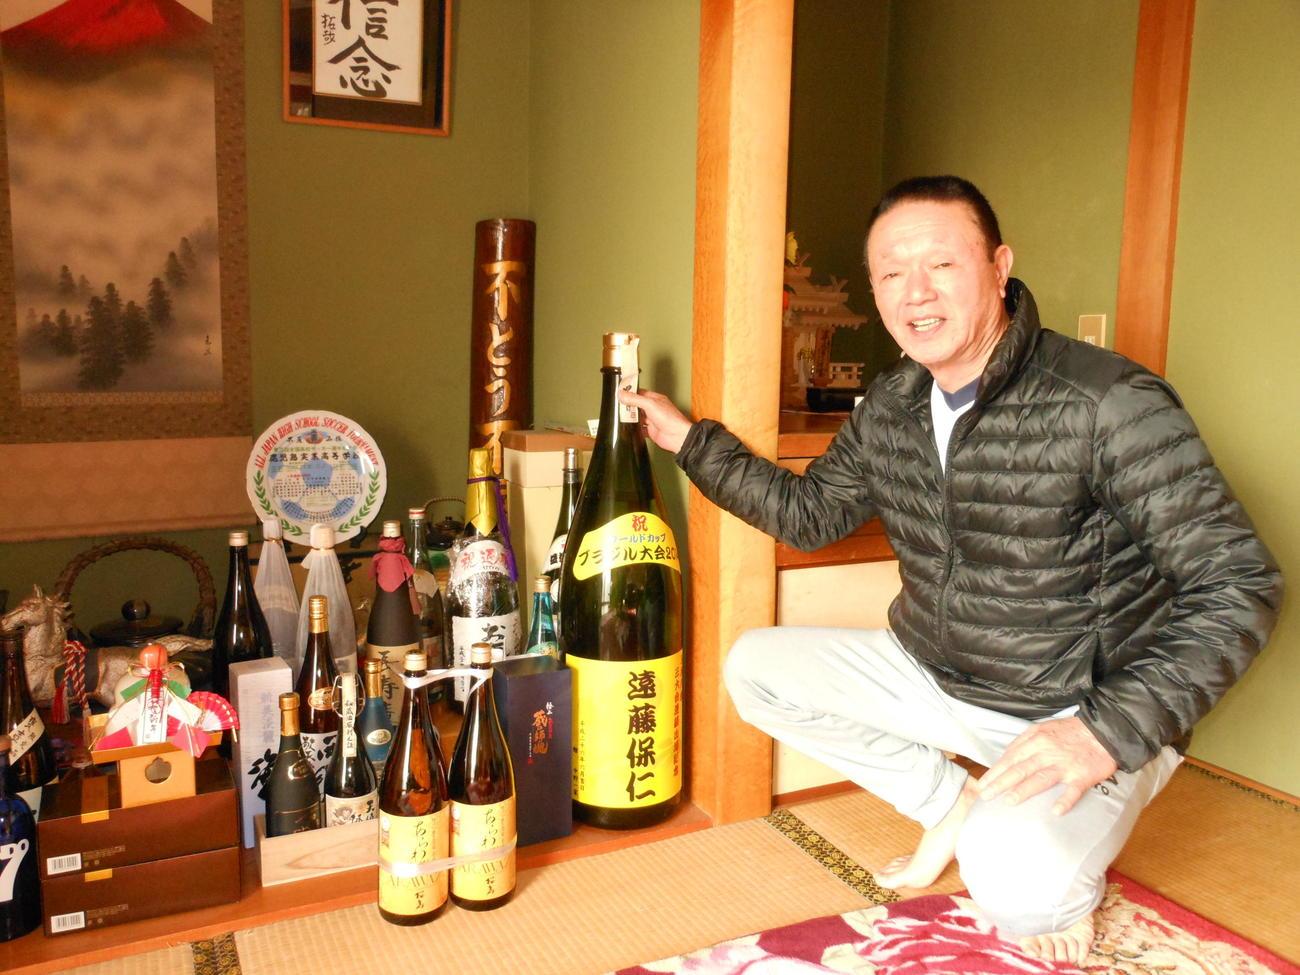 遠藤の実家では父武義さんが過去のお祝いの焼酎を多数飾っている